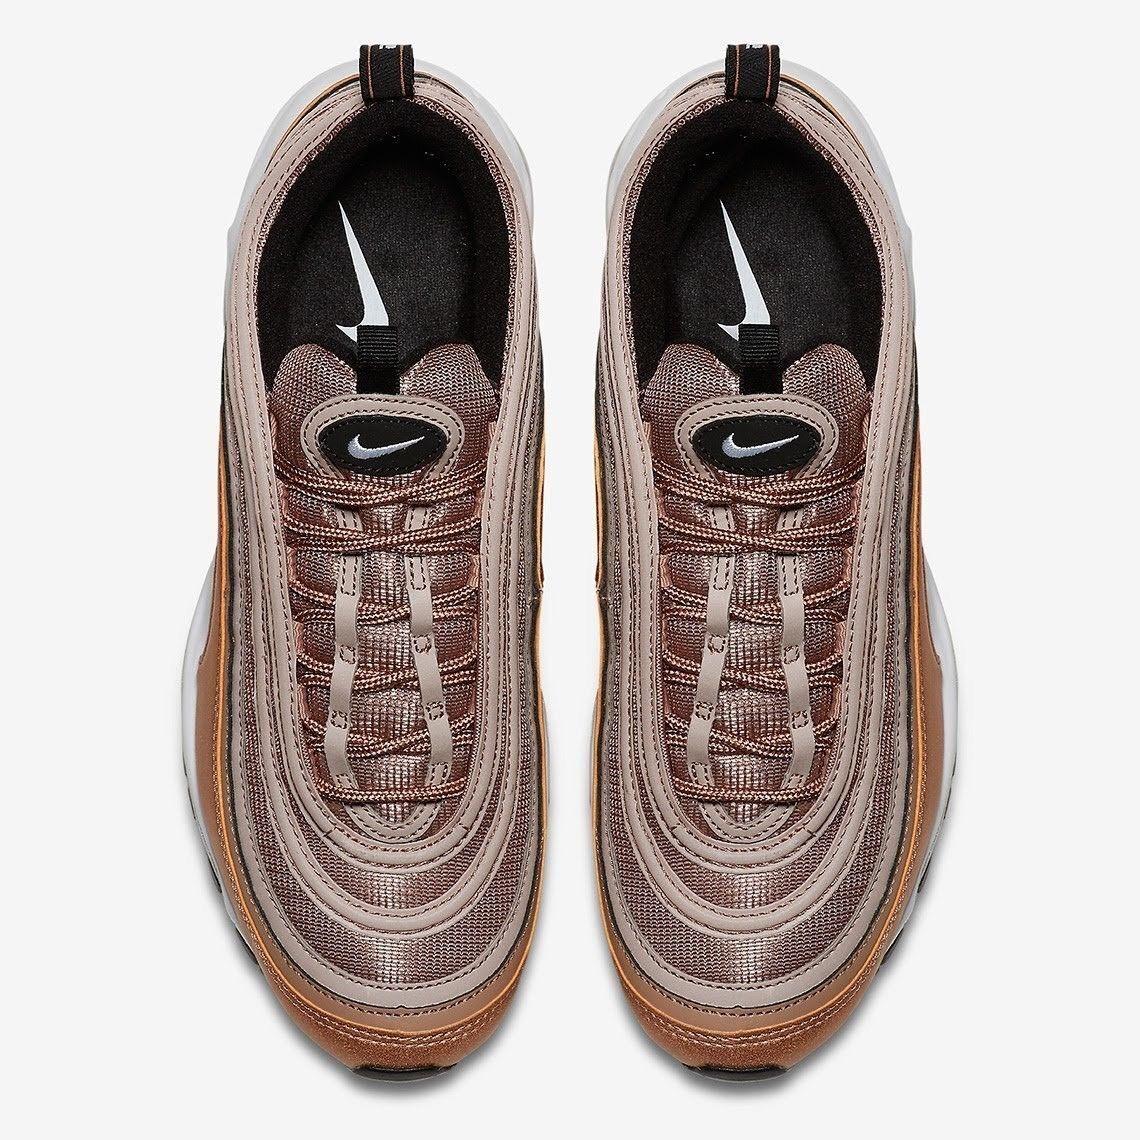 Nike air max 97 staub metallischen bronze größe 11,5.wüste staub 97 weiß - schwarz.921826-200. 6f0095